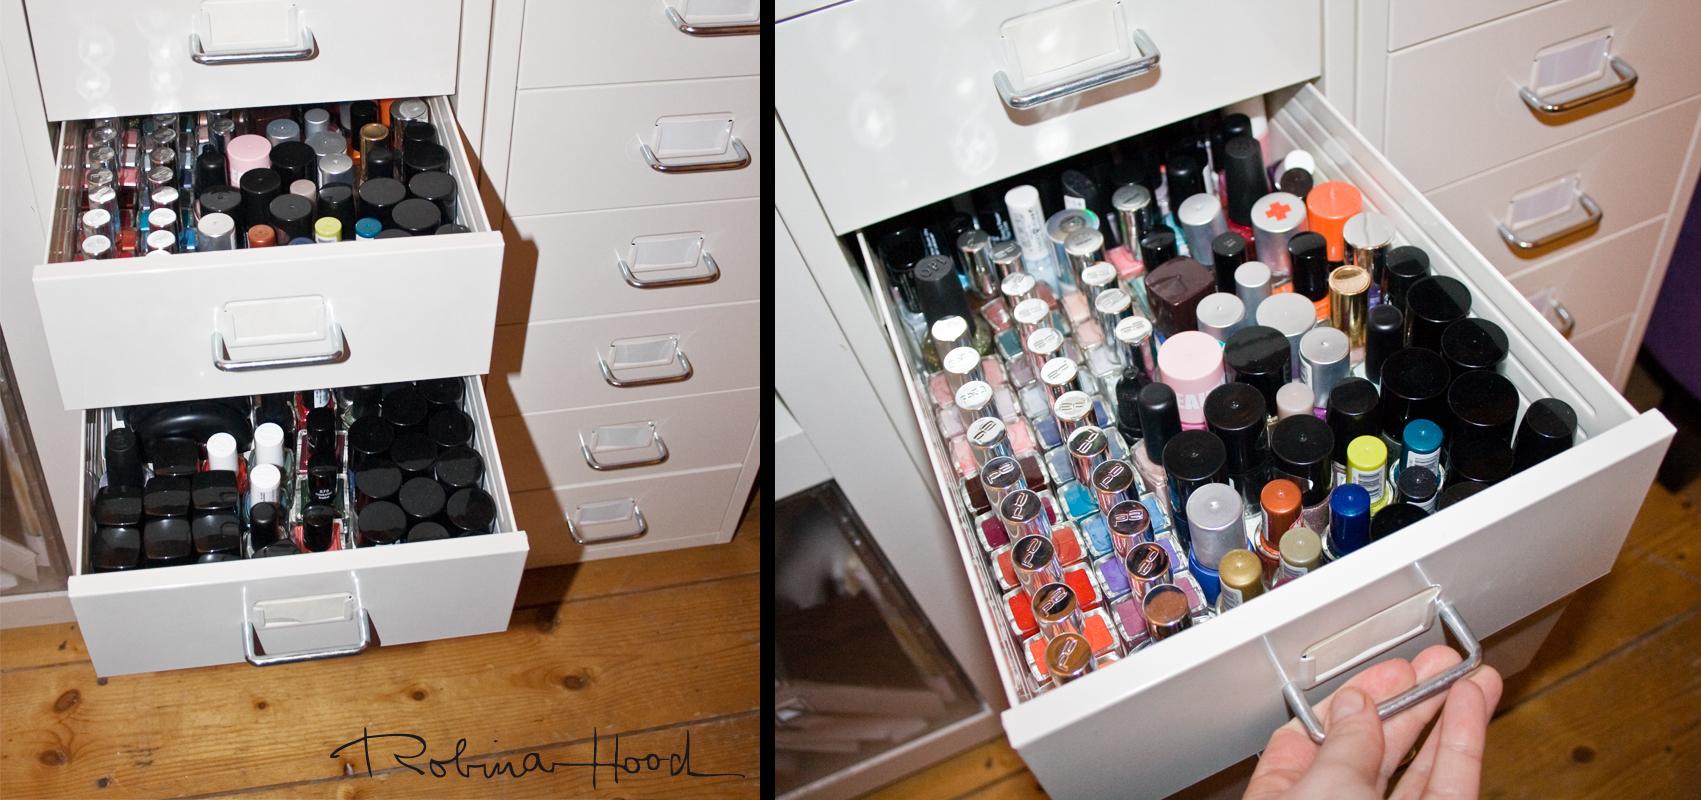 Kosmetik Aufbewahrung Ikea getaggt und erwischt wie viele nagellacke besitzt robina